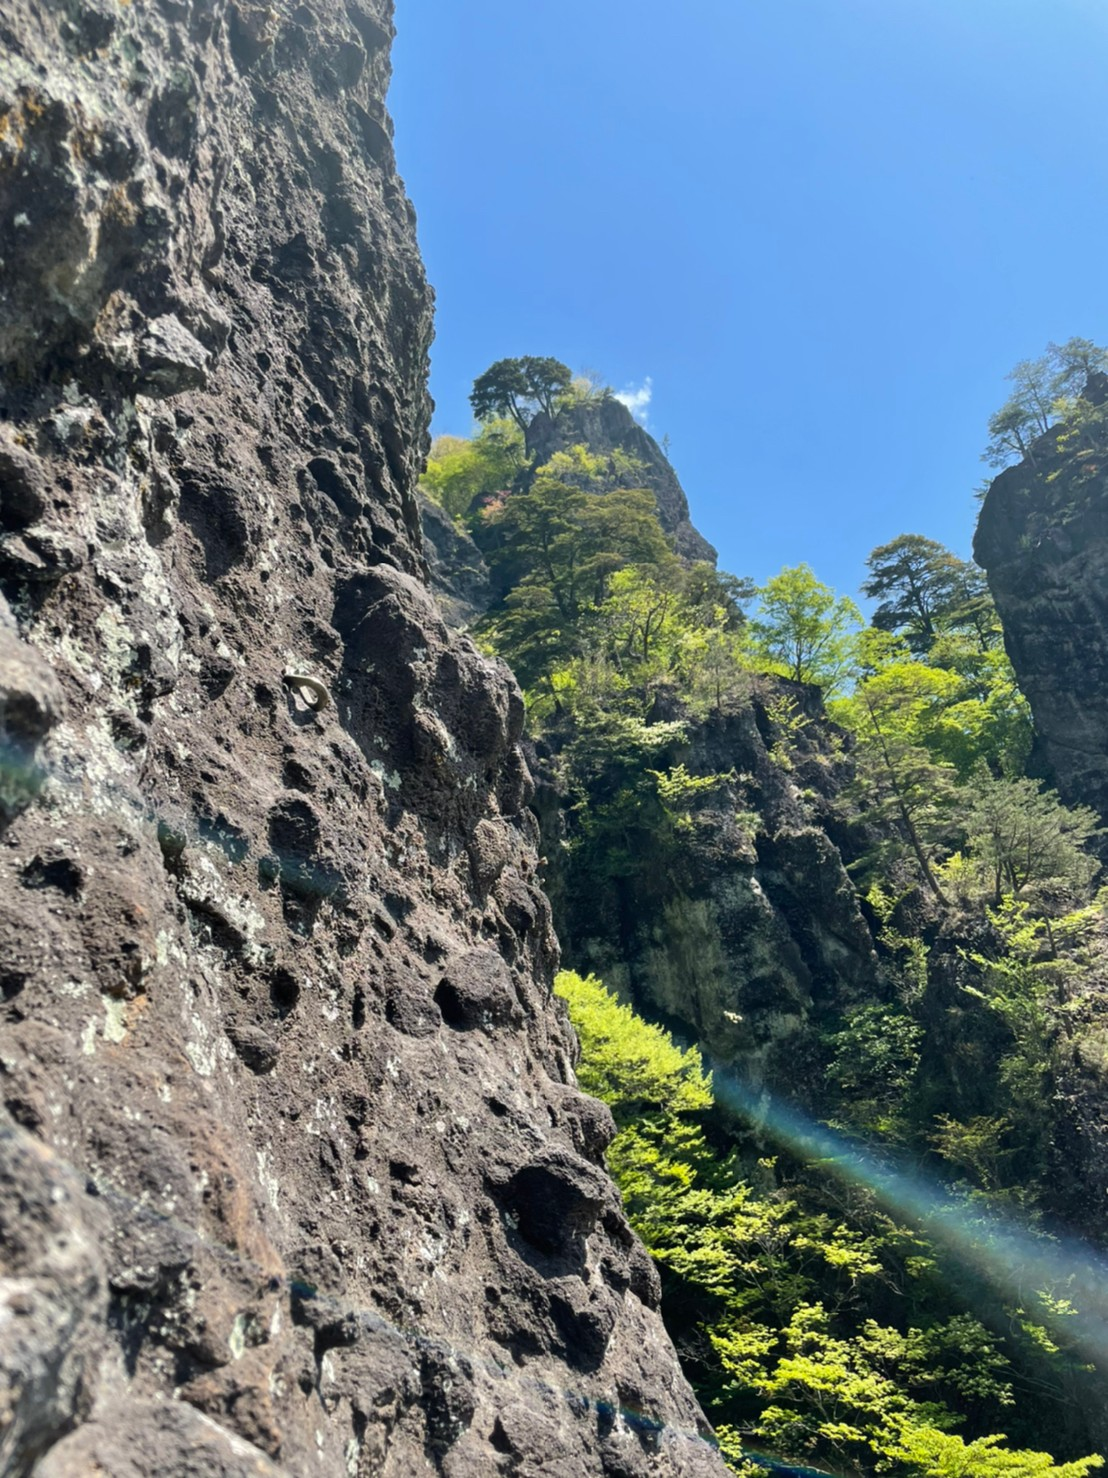 2021/5/2-3 妙義山クライミング『岩場に遊ばれる?』